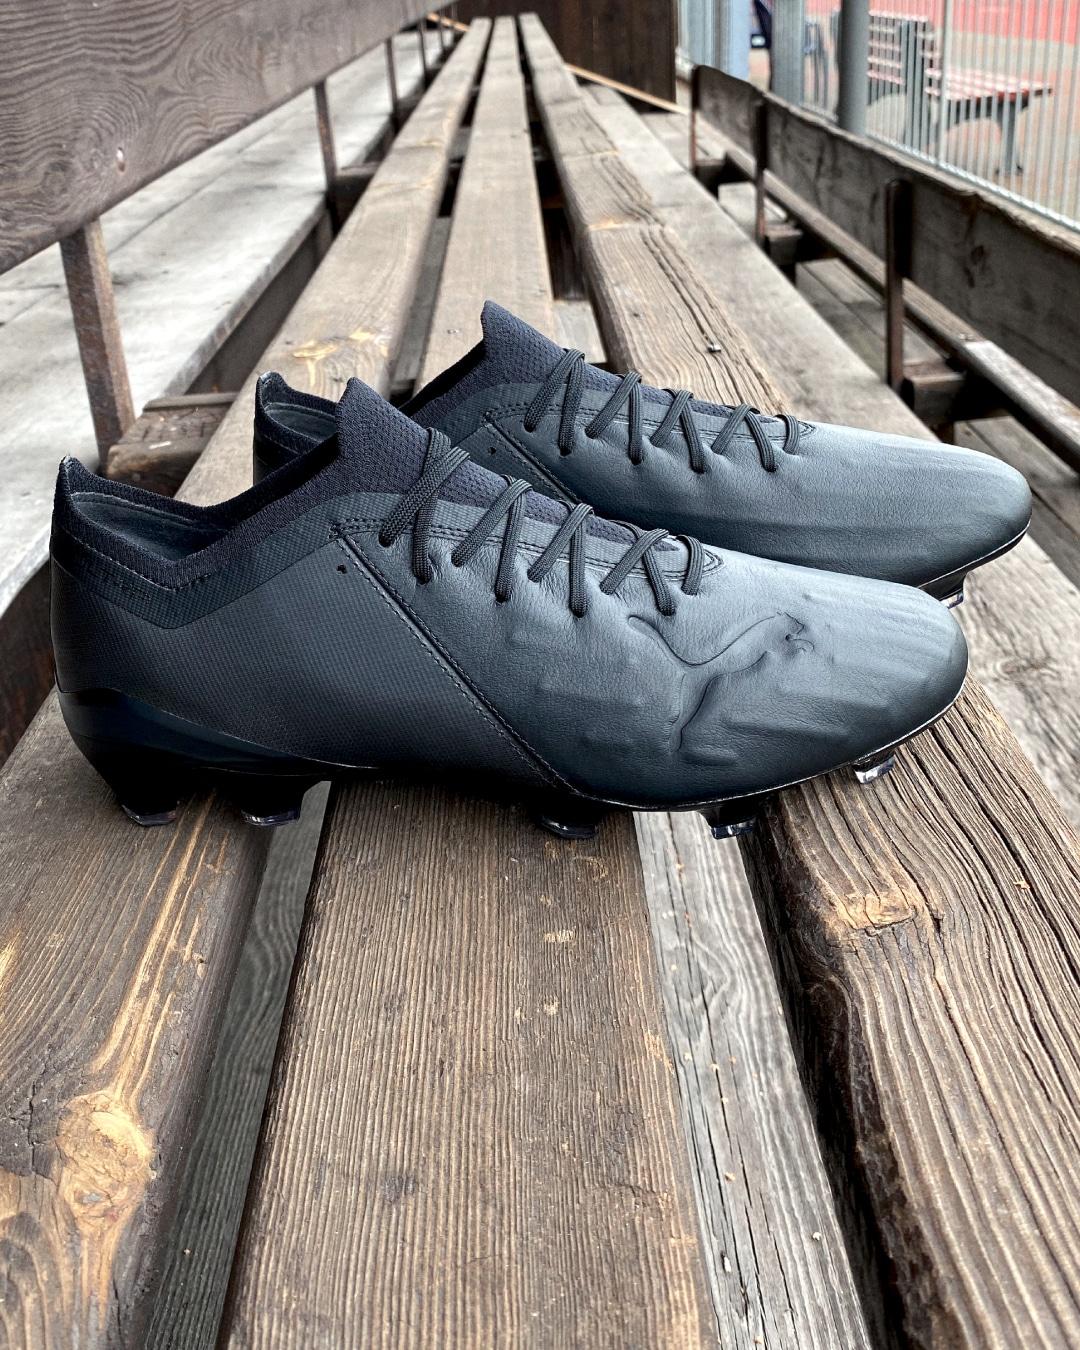 puma-ultra-leather-cuir-5